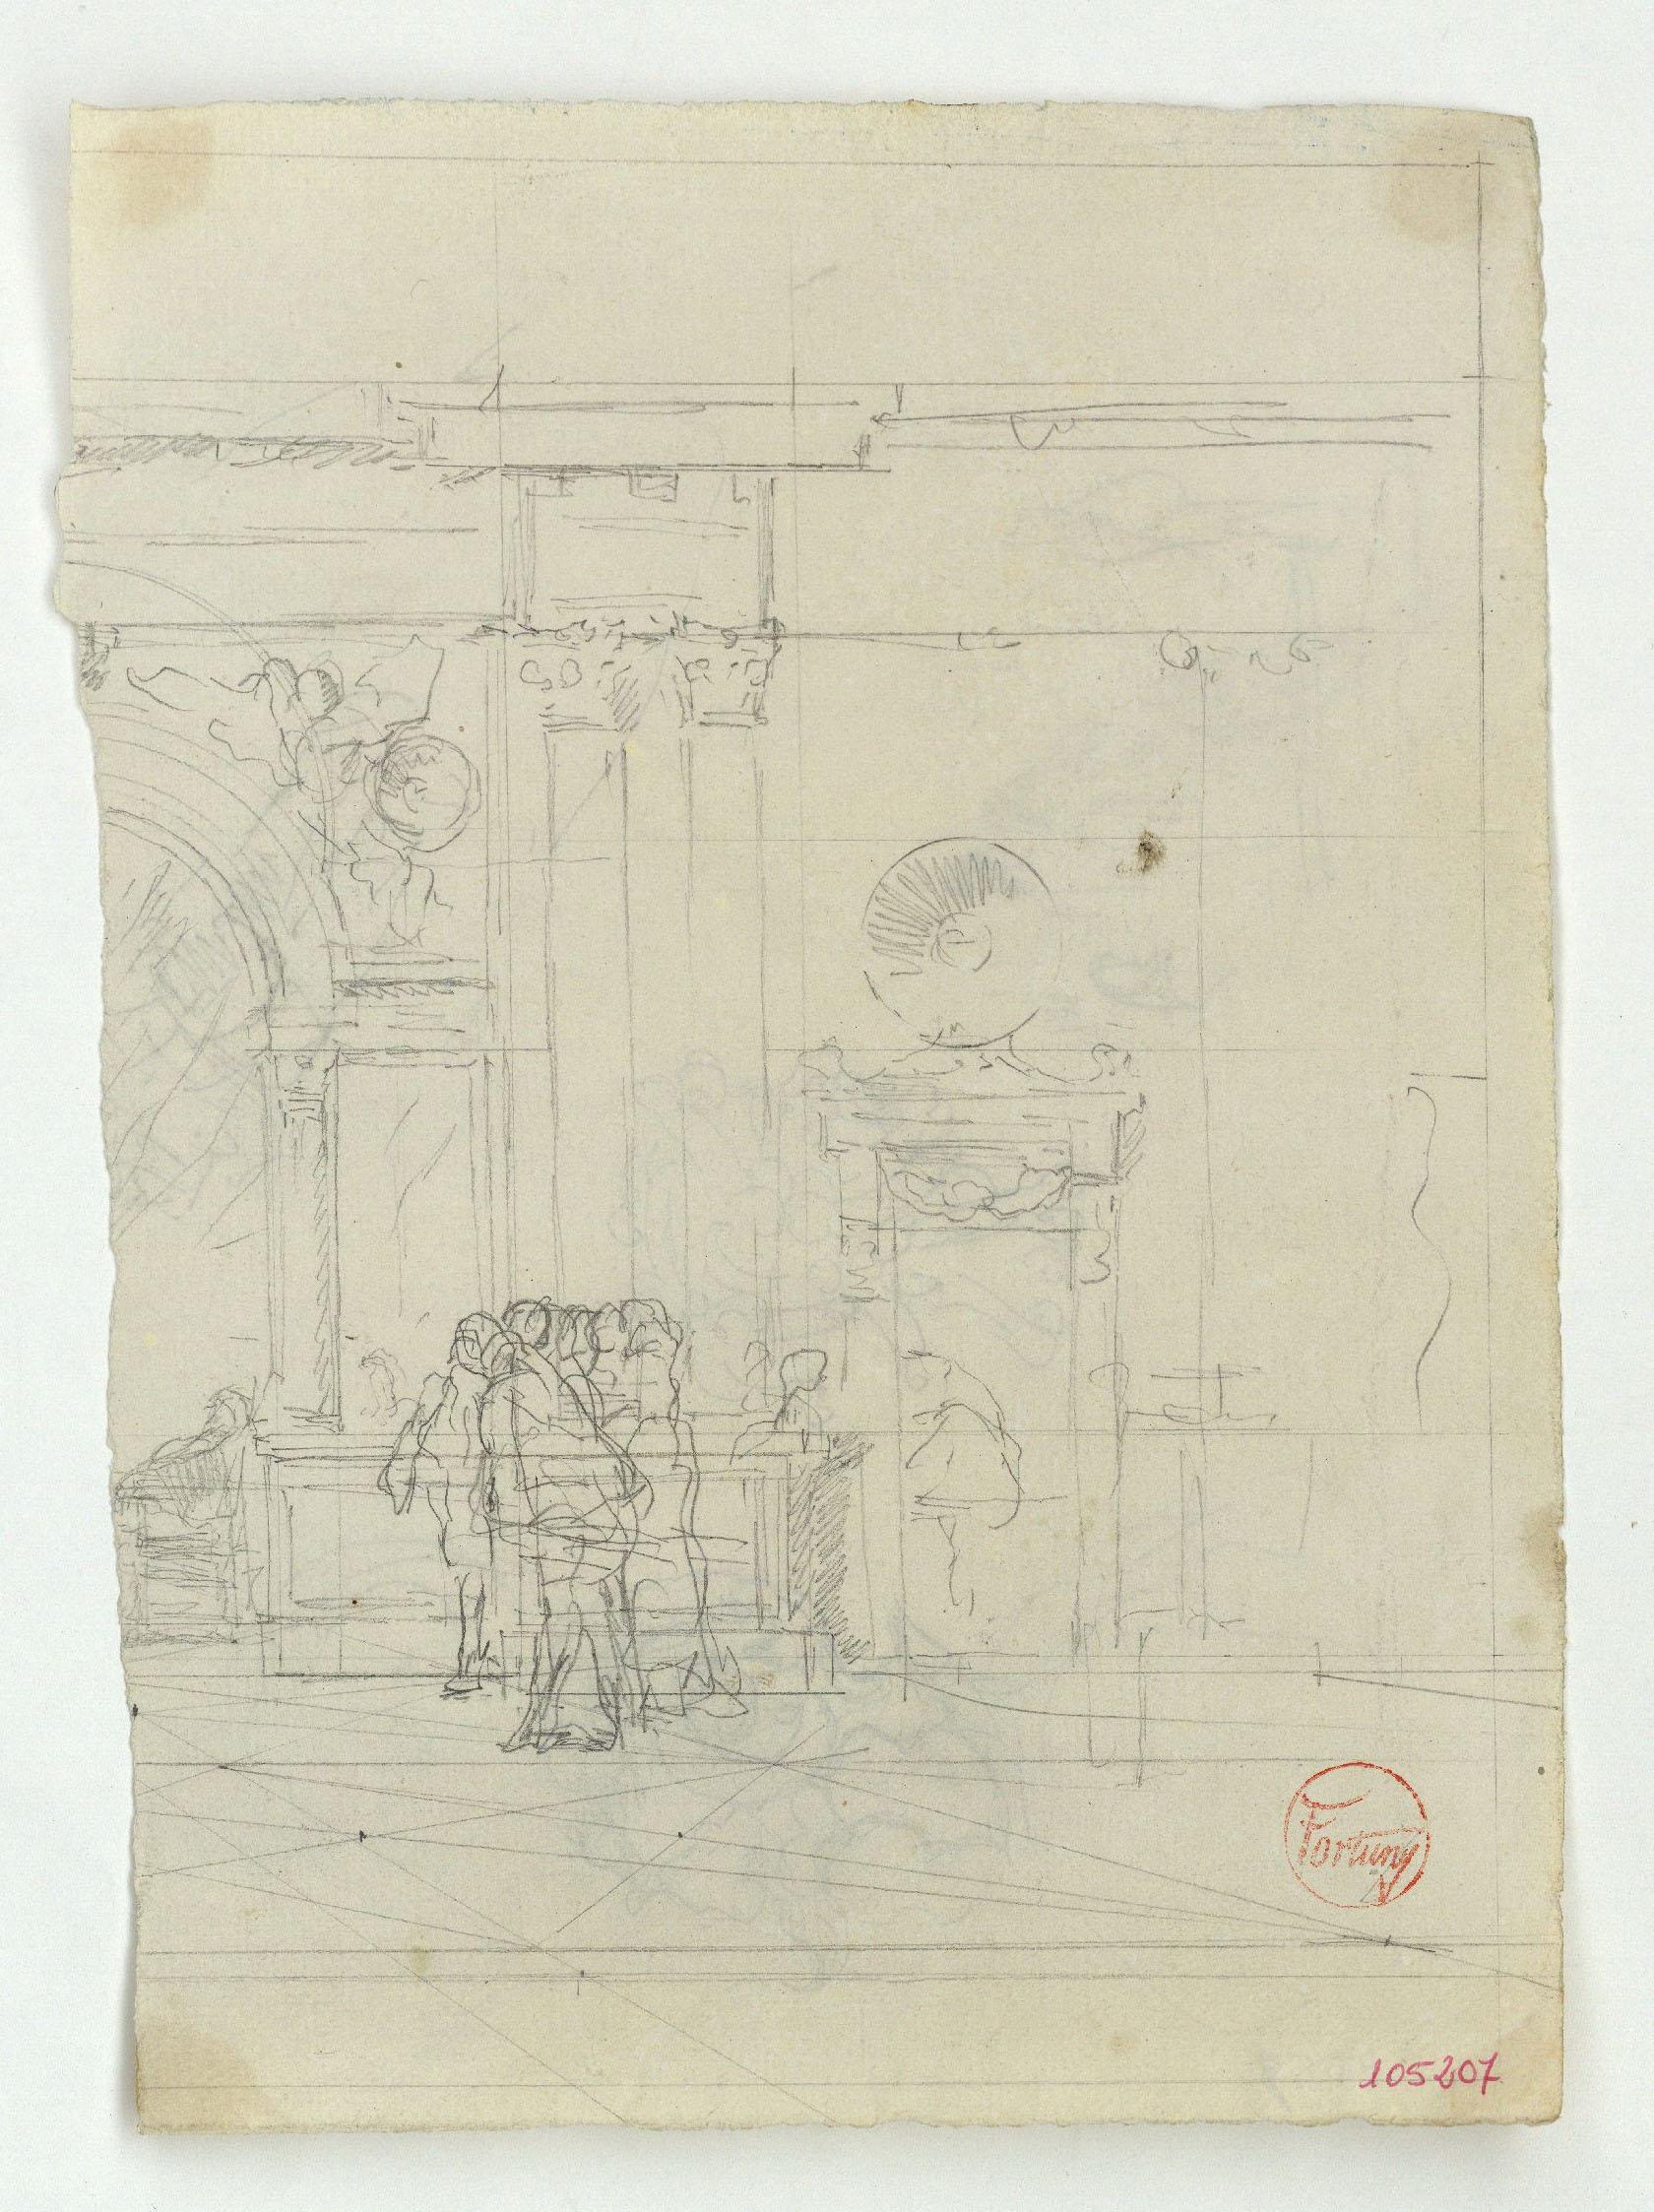 Marià Fortuny - Detall del palau de Carles V a l'Alhambra de Granada i figures (anvers) / Casc i diverses figures (revers) - 1870-1872